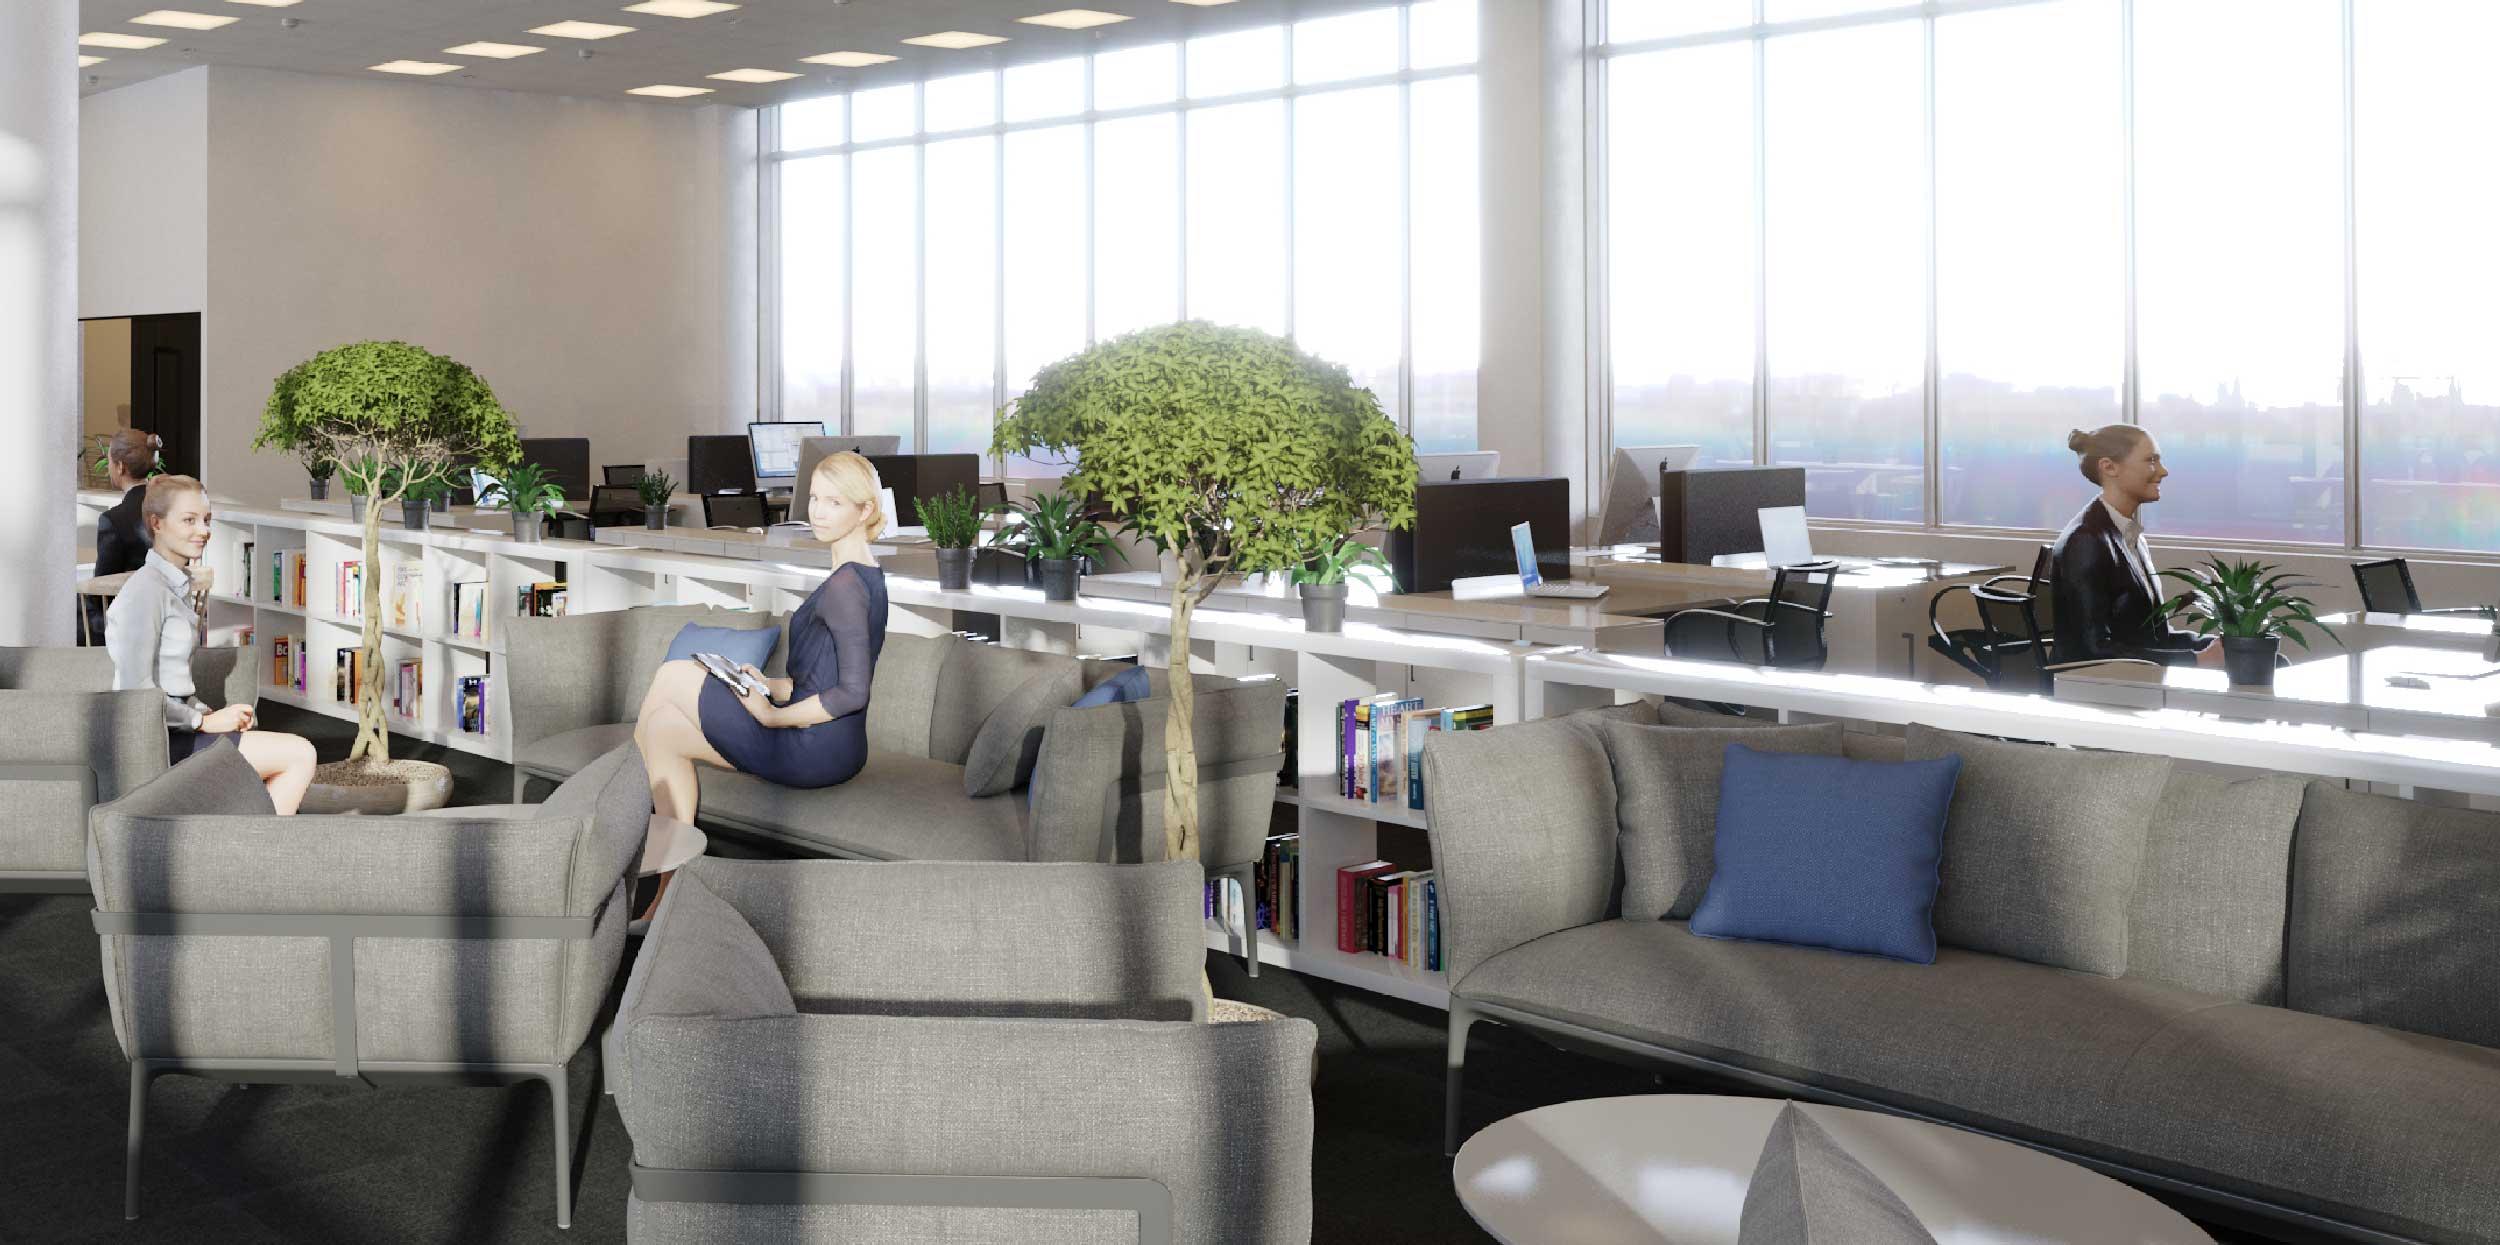 Piispanportti 10 tarjoaa tyylikästä toimistotilaa unelmapaikalla Länsiväylän varrella